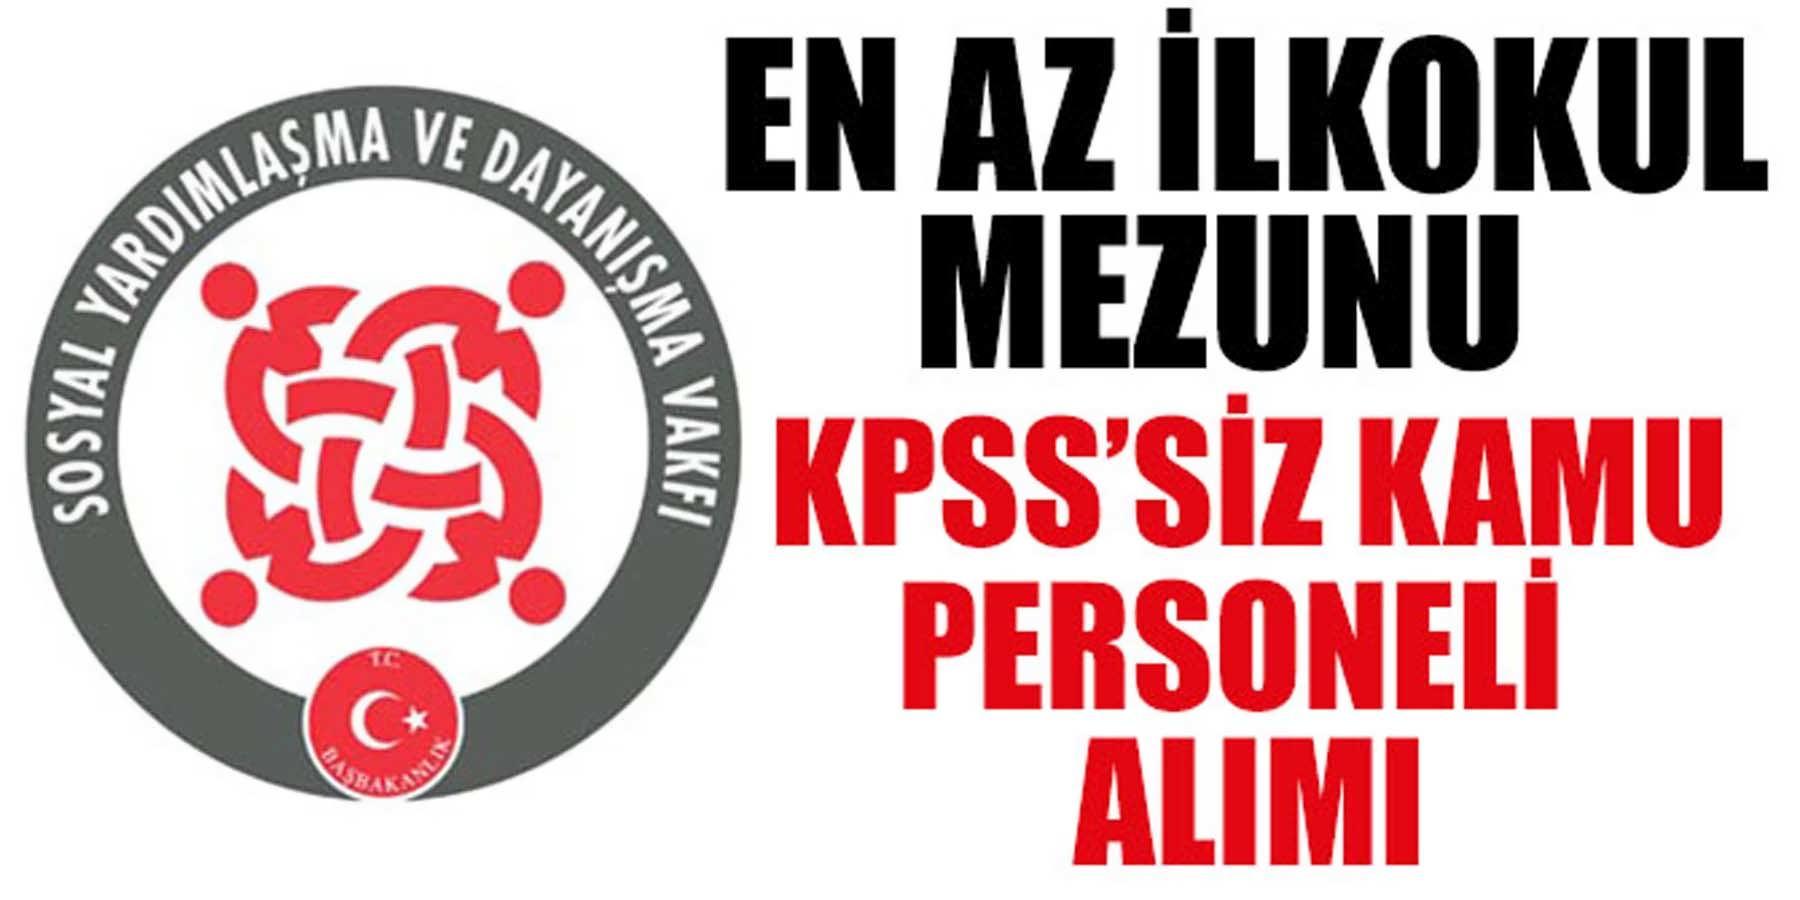 SYDV Müdürlükleri En Az İlkokul Mezunu KPSS'Siz Kamu Personeli Alımı